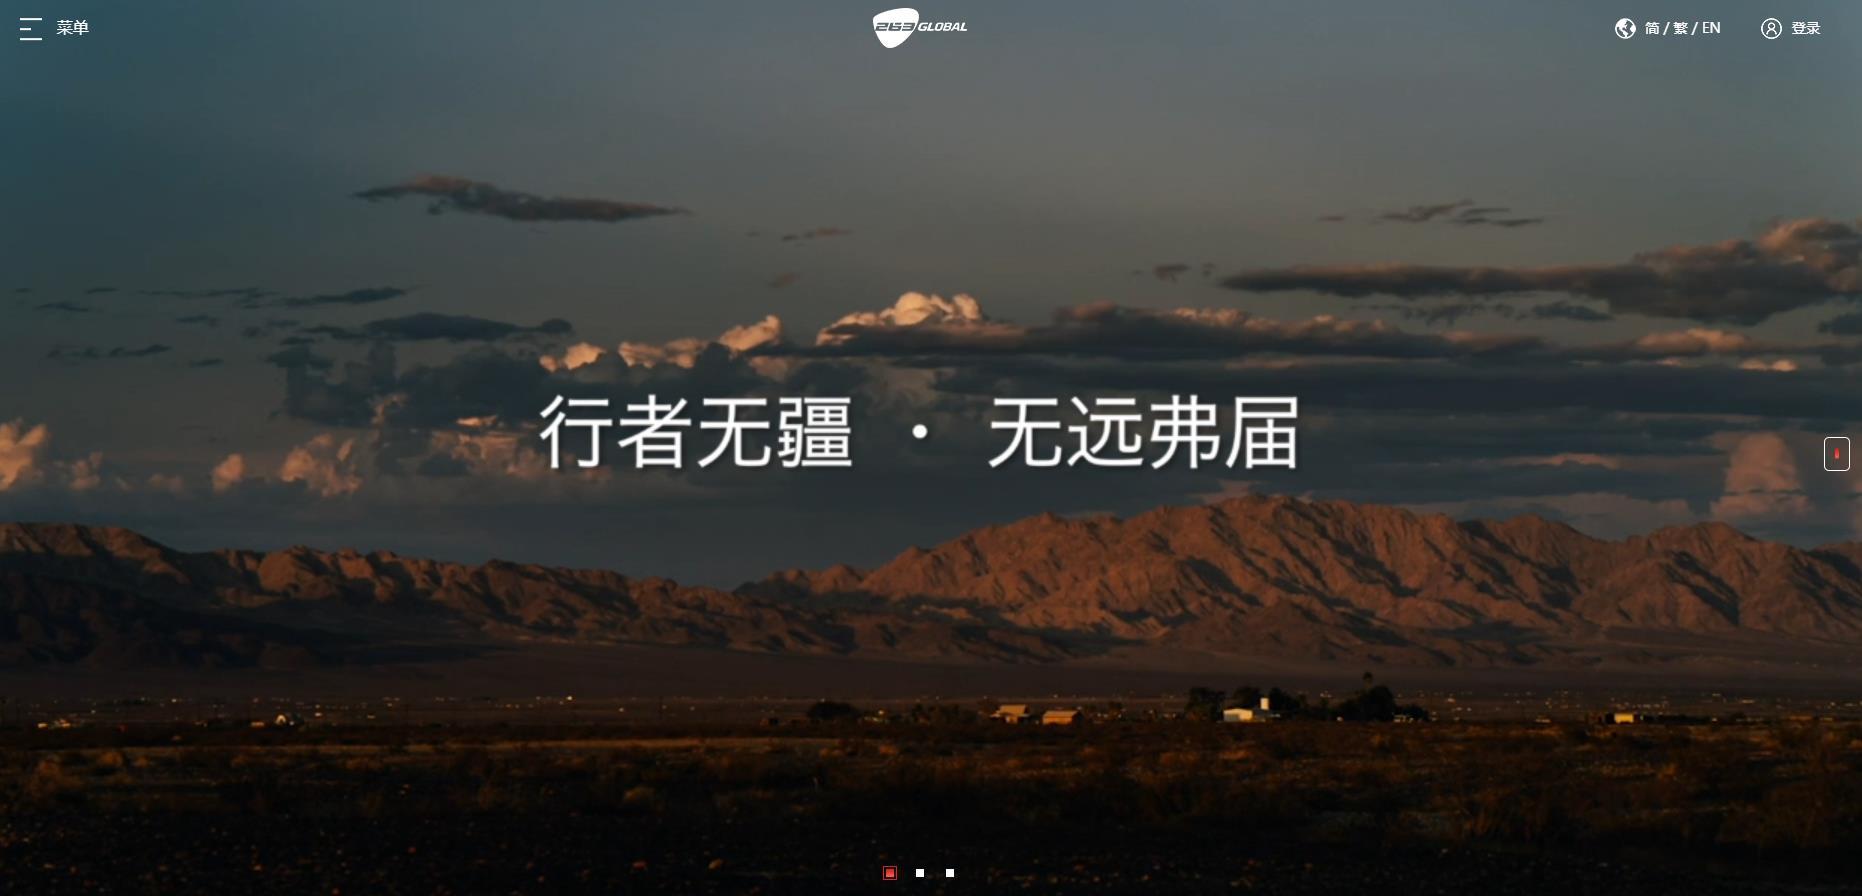 酷站科技签约263global官方网站建设